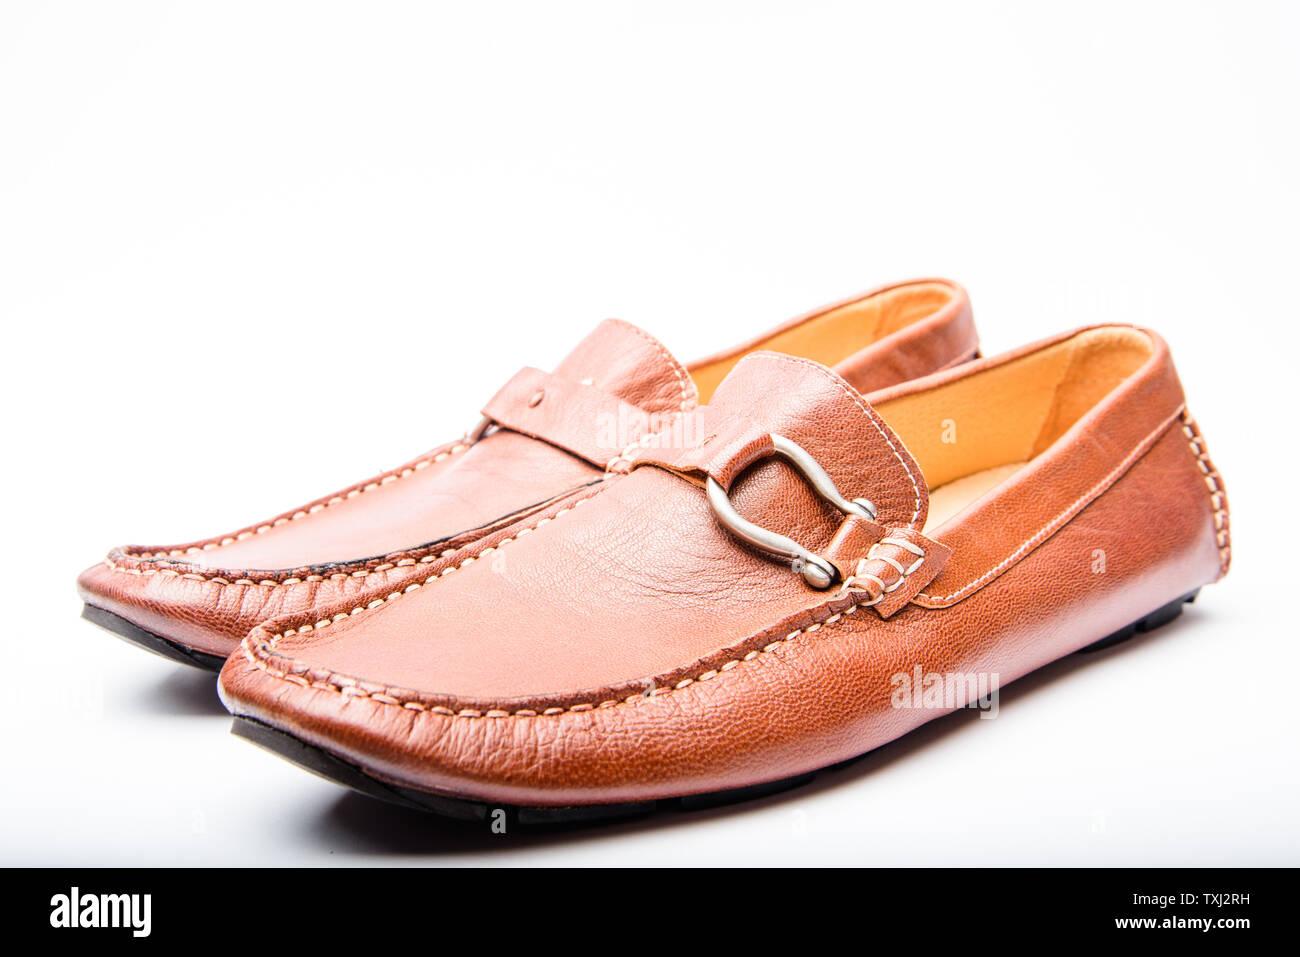 Zapatos retro y moderno concepto. El estilo de época